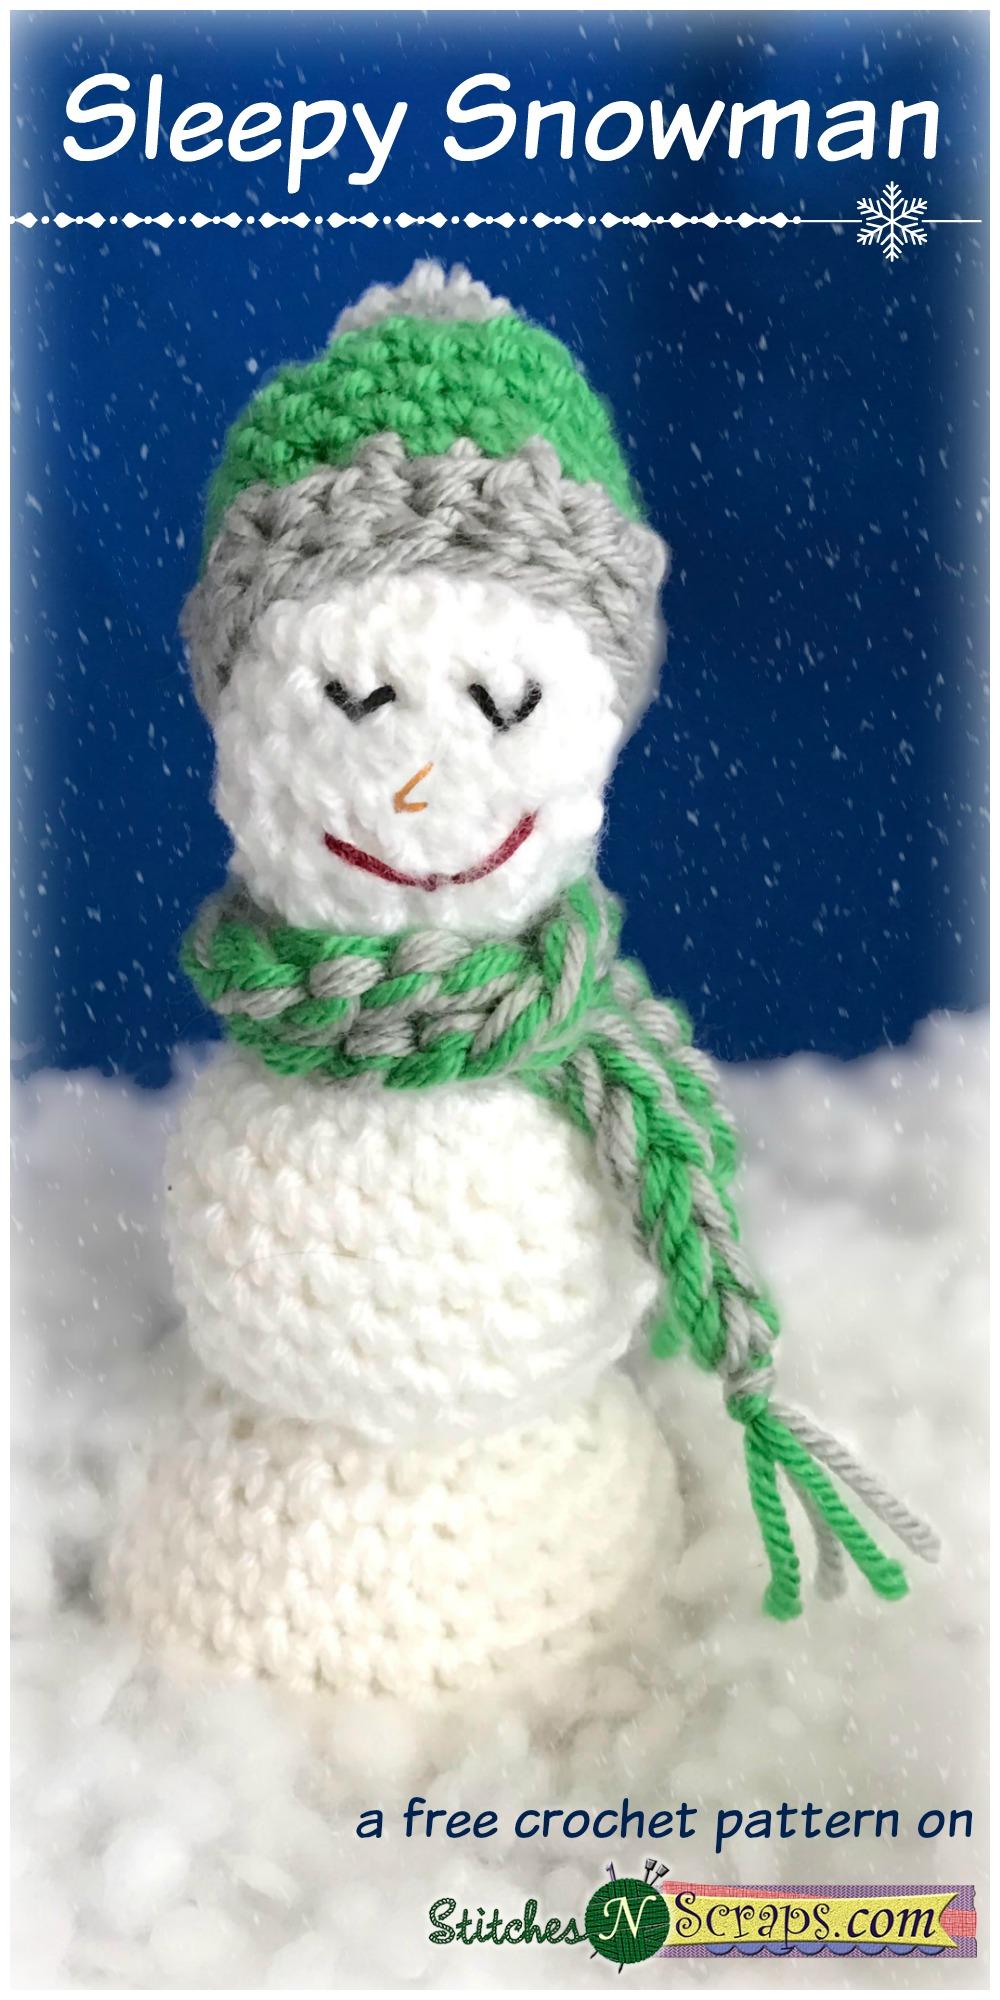 Free Pattern - Sleepy Snowman - Stitches n Scraps